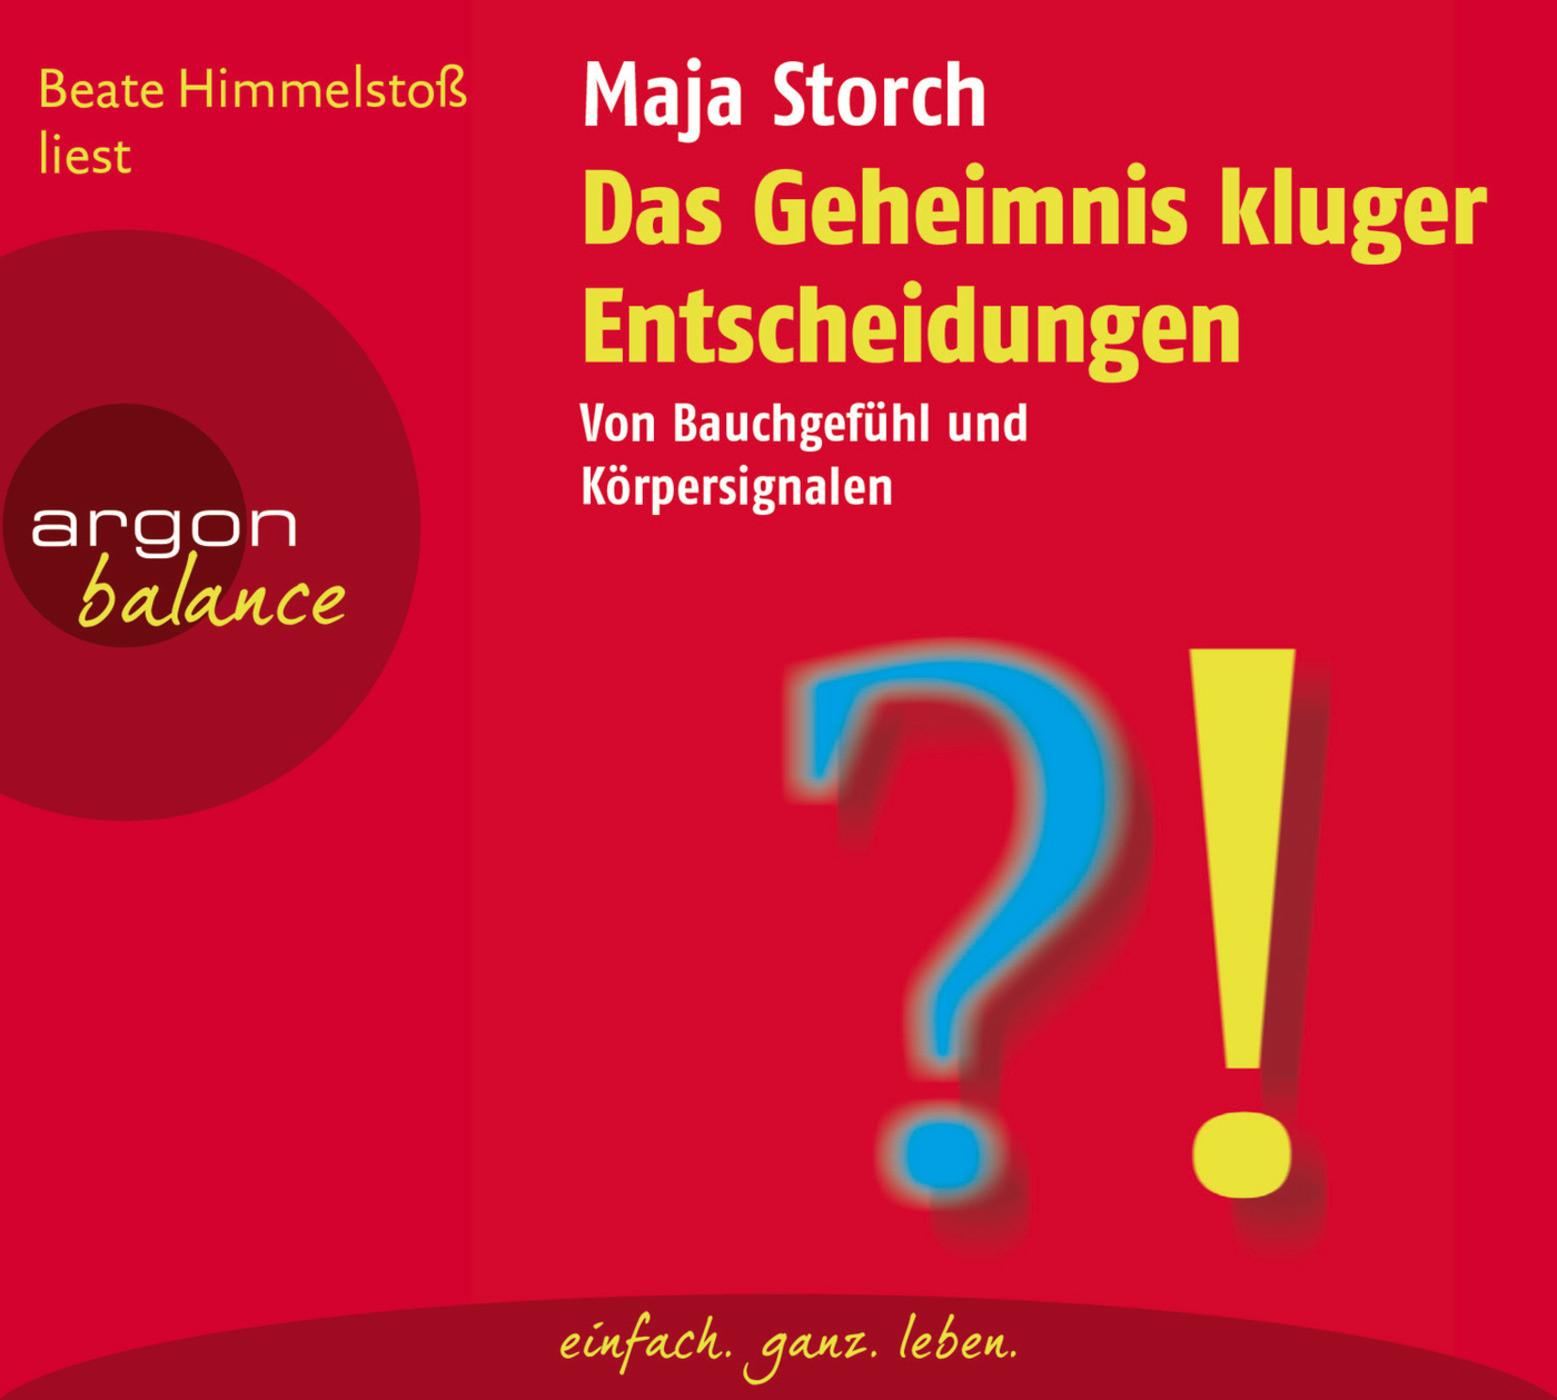 Maja Storch - Das Geheimnis kluger Entscheidungen